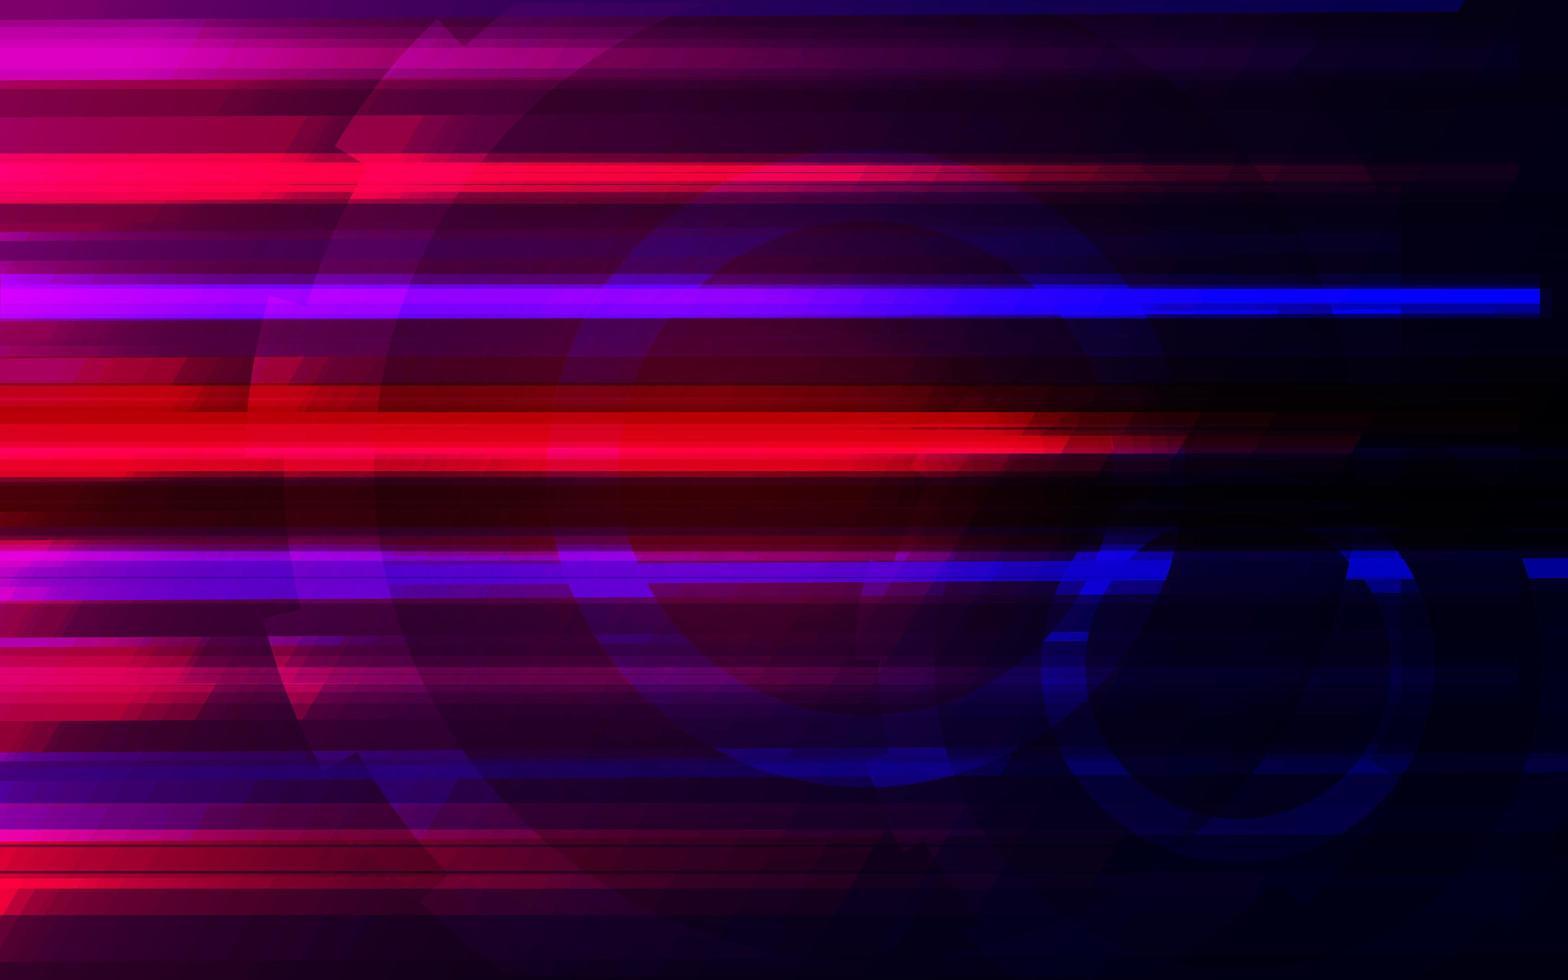 diseño futurista brillante colorido abstracto vector